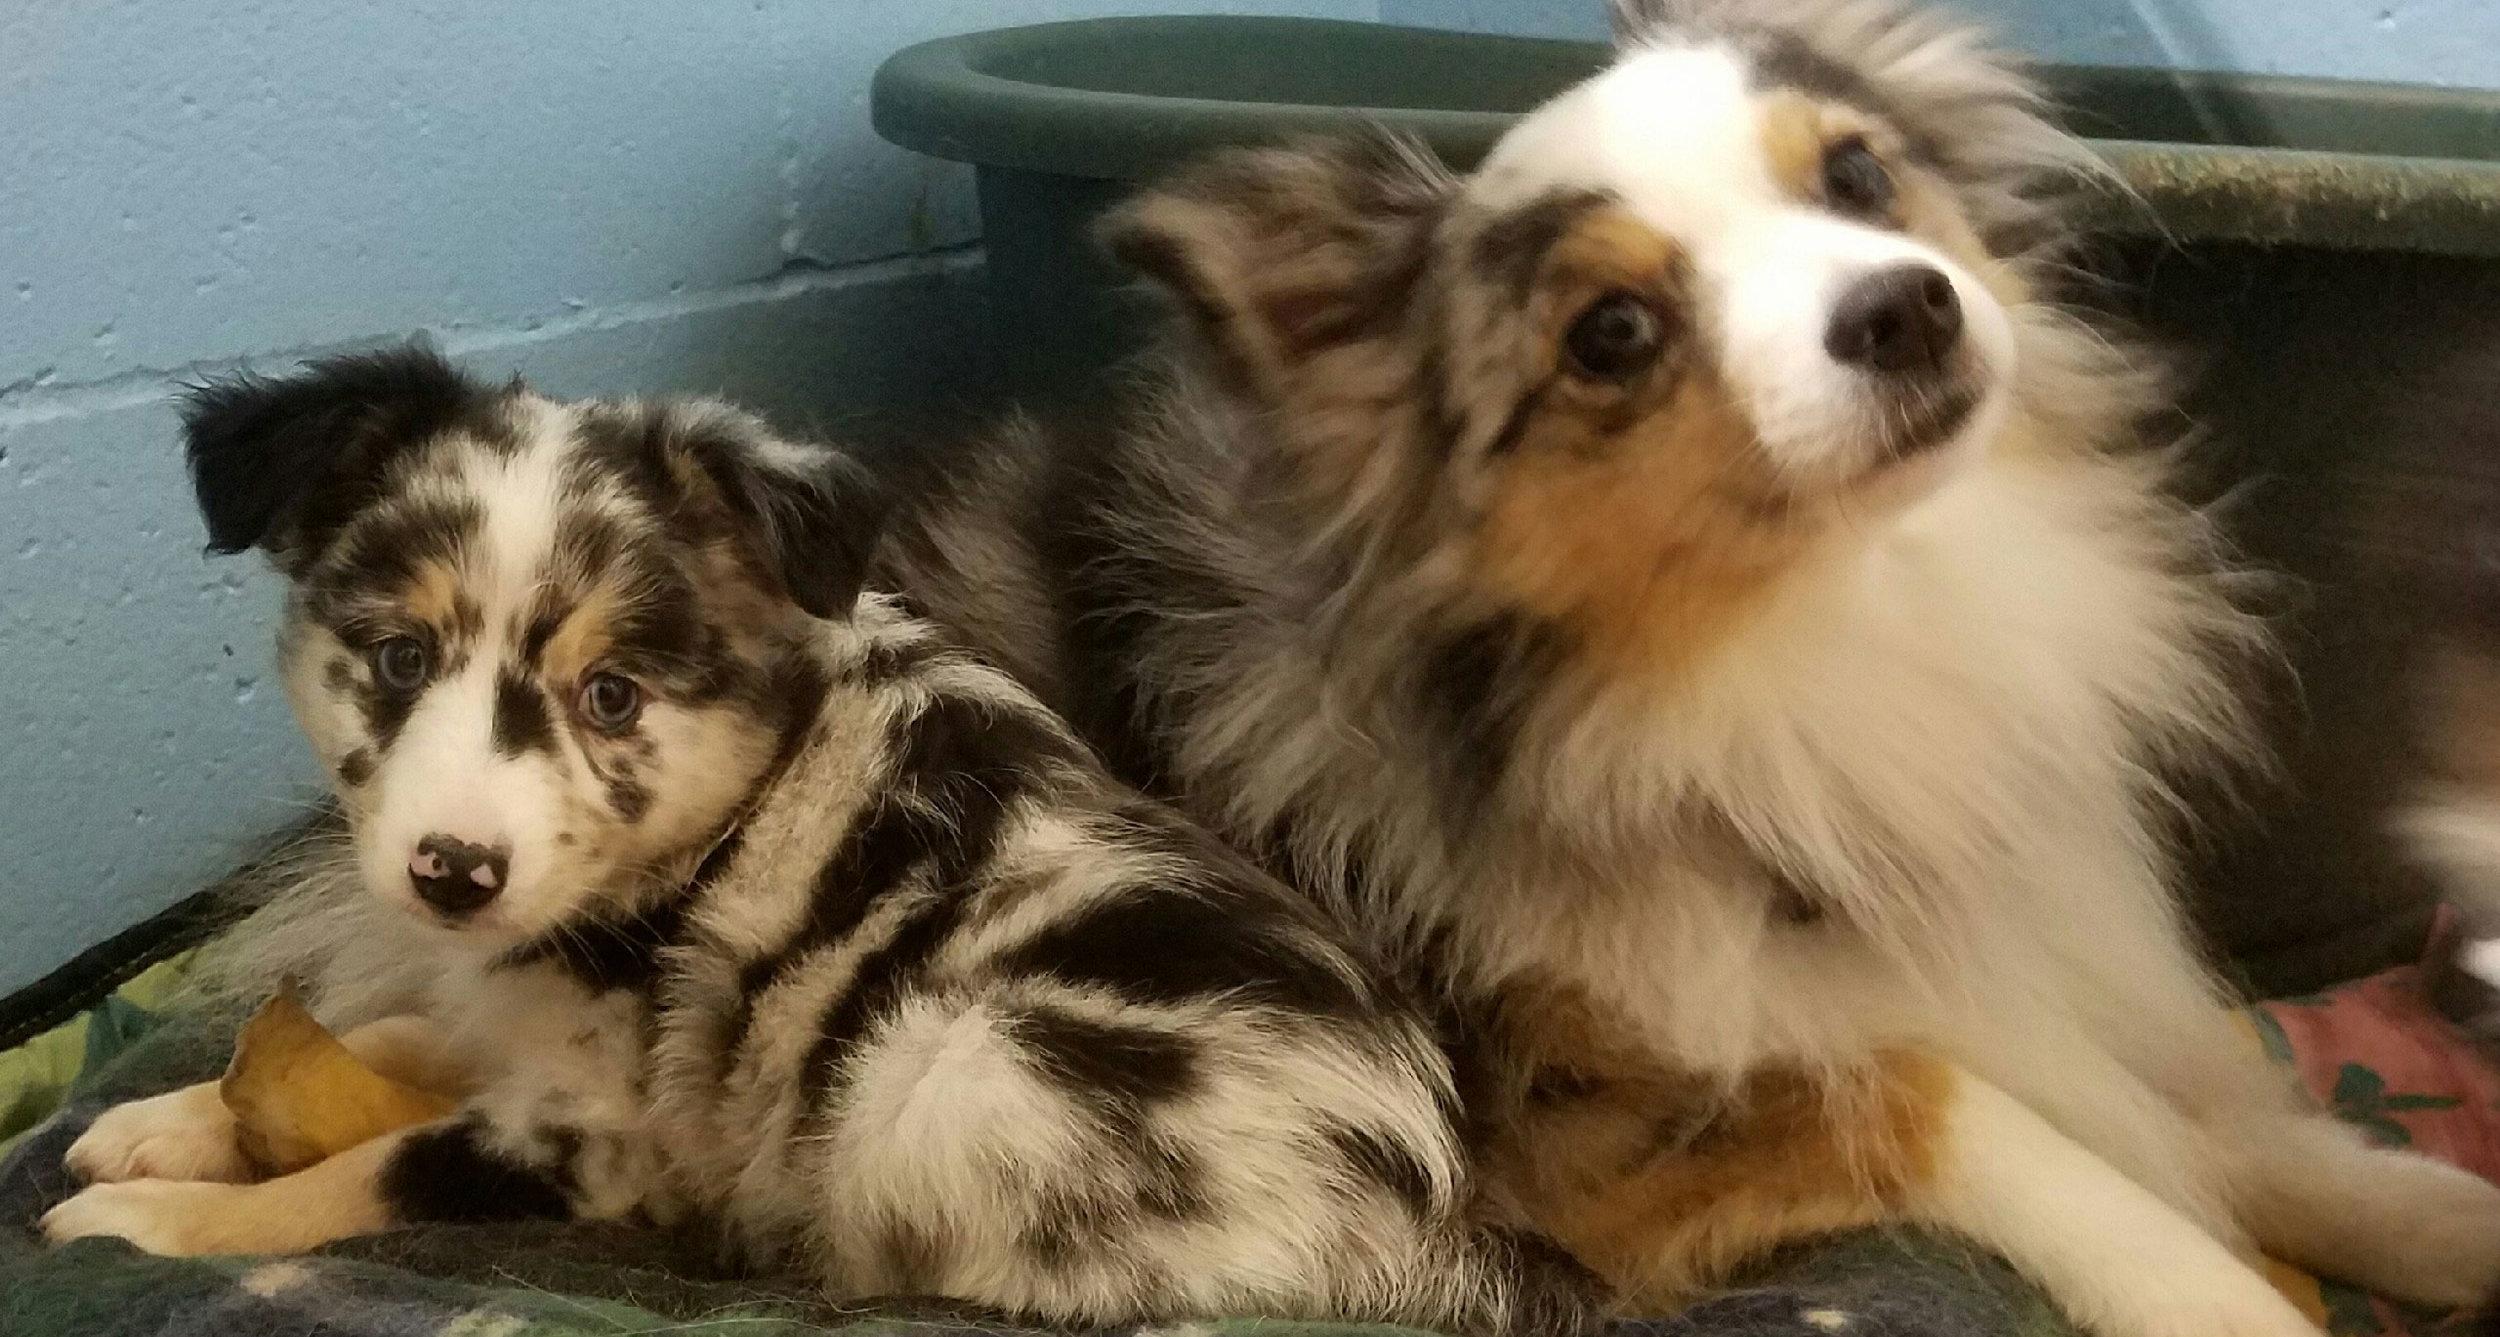 Cute-Puppy-Face.jpg